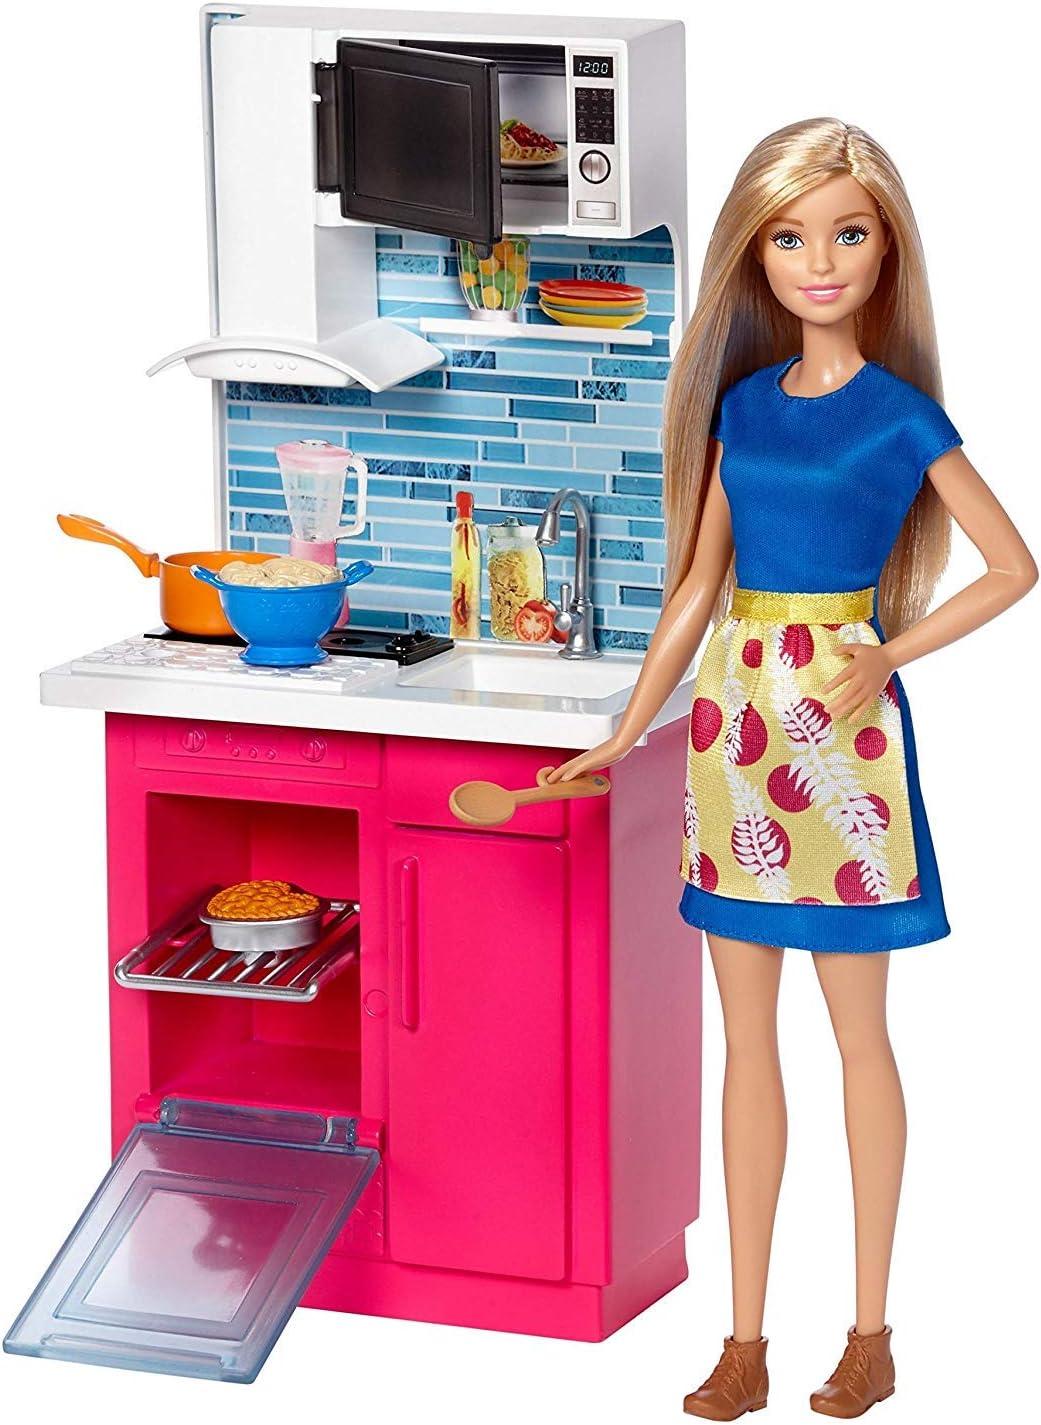 Barbie-La Cucina, DVX54: Amazon.it: Giochi e giocattoli